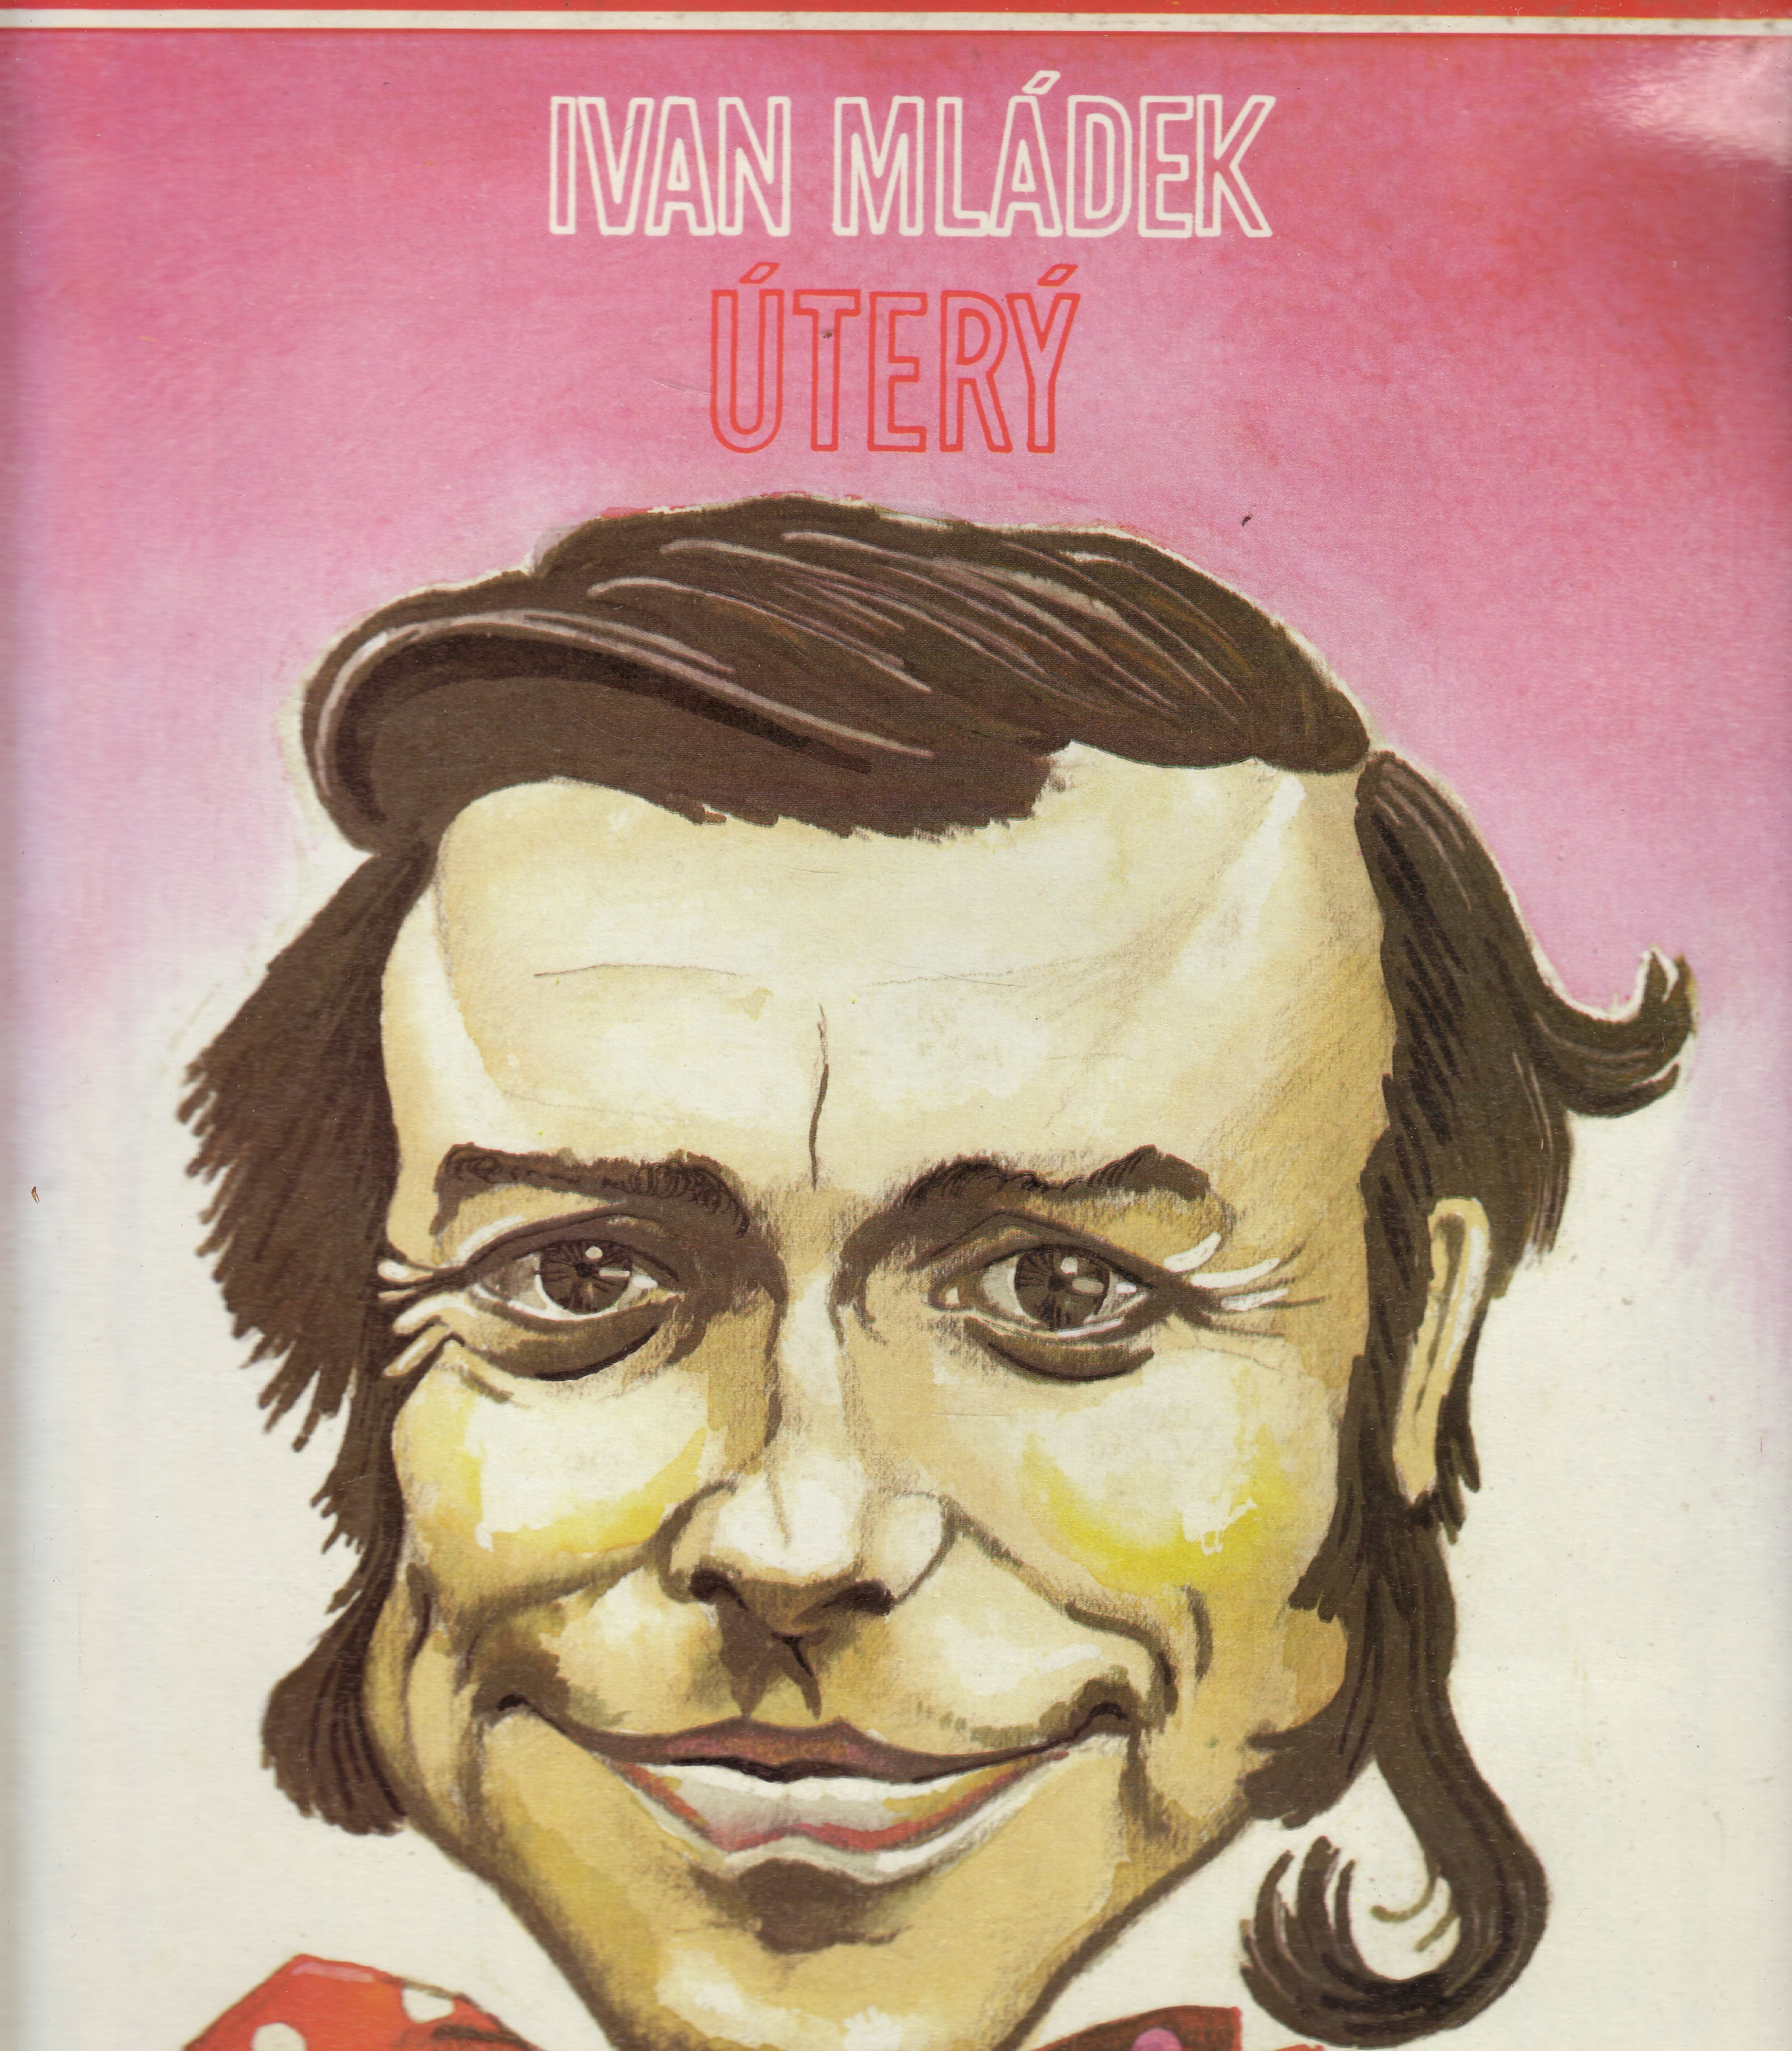 LP Ivan Mládek, Úterý, 1986